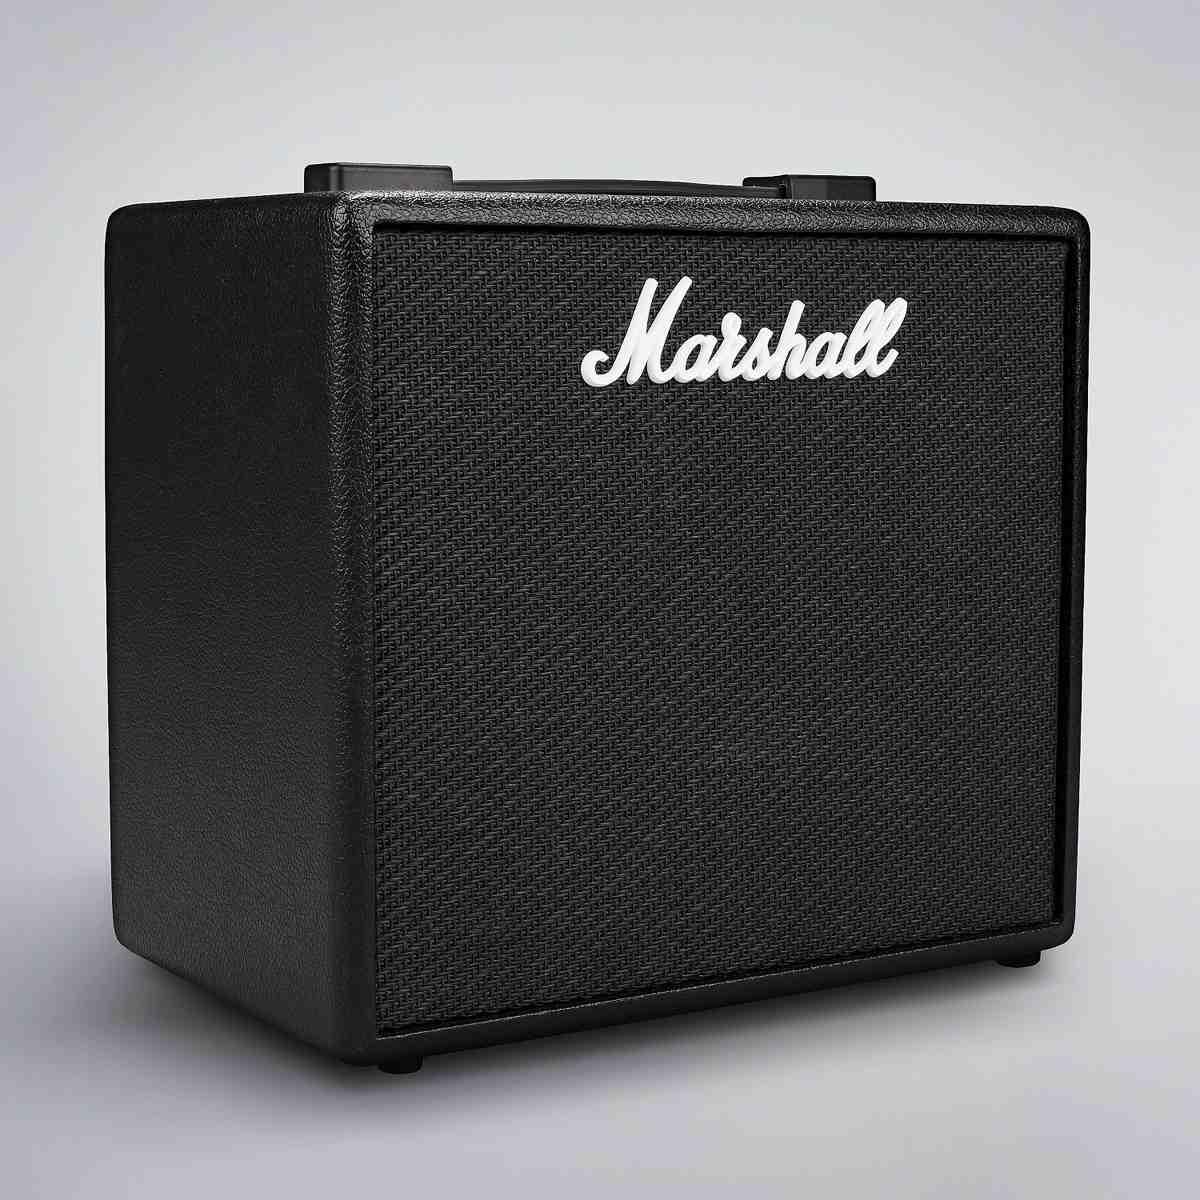 Marshall / CODE25 マーシャル コード フルモデリングアンプ 【WEBSHOP】【YRK】